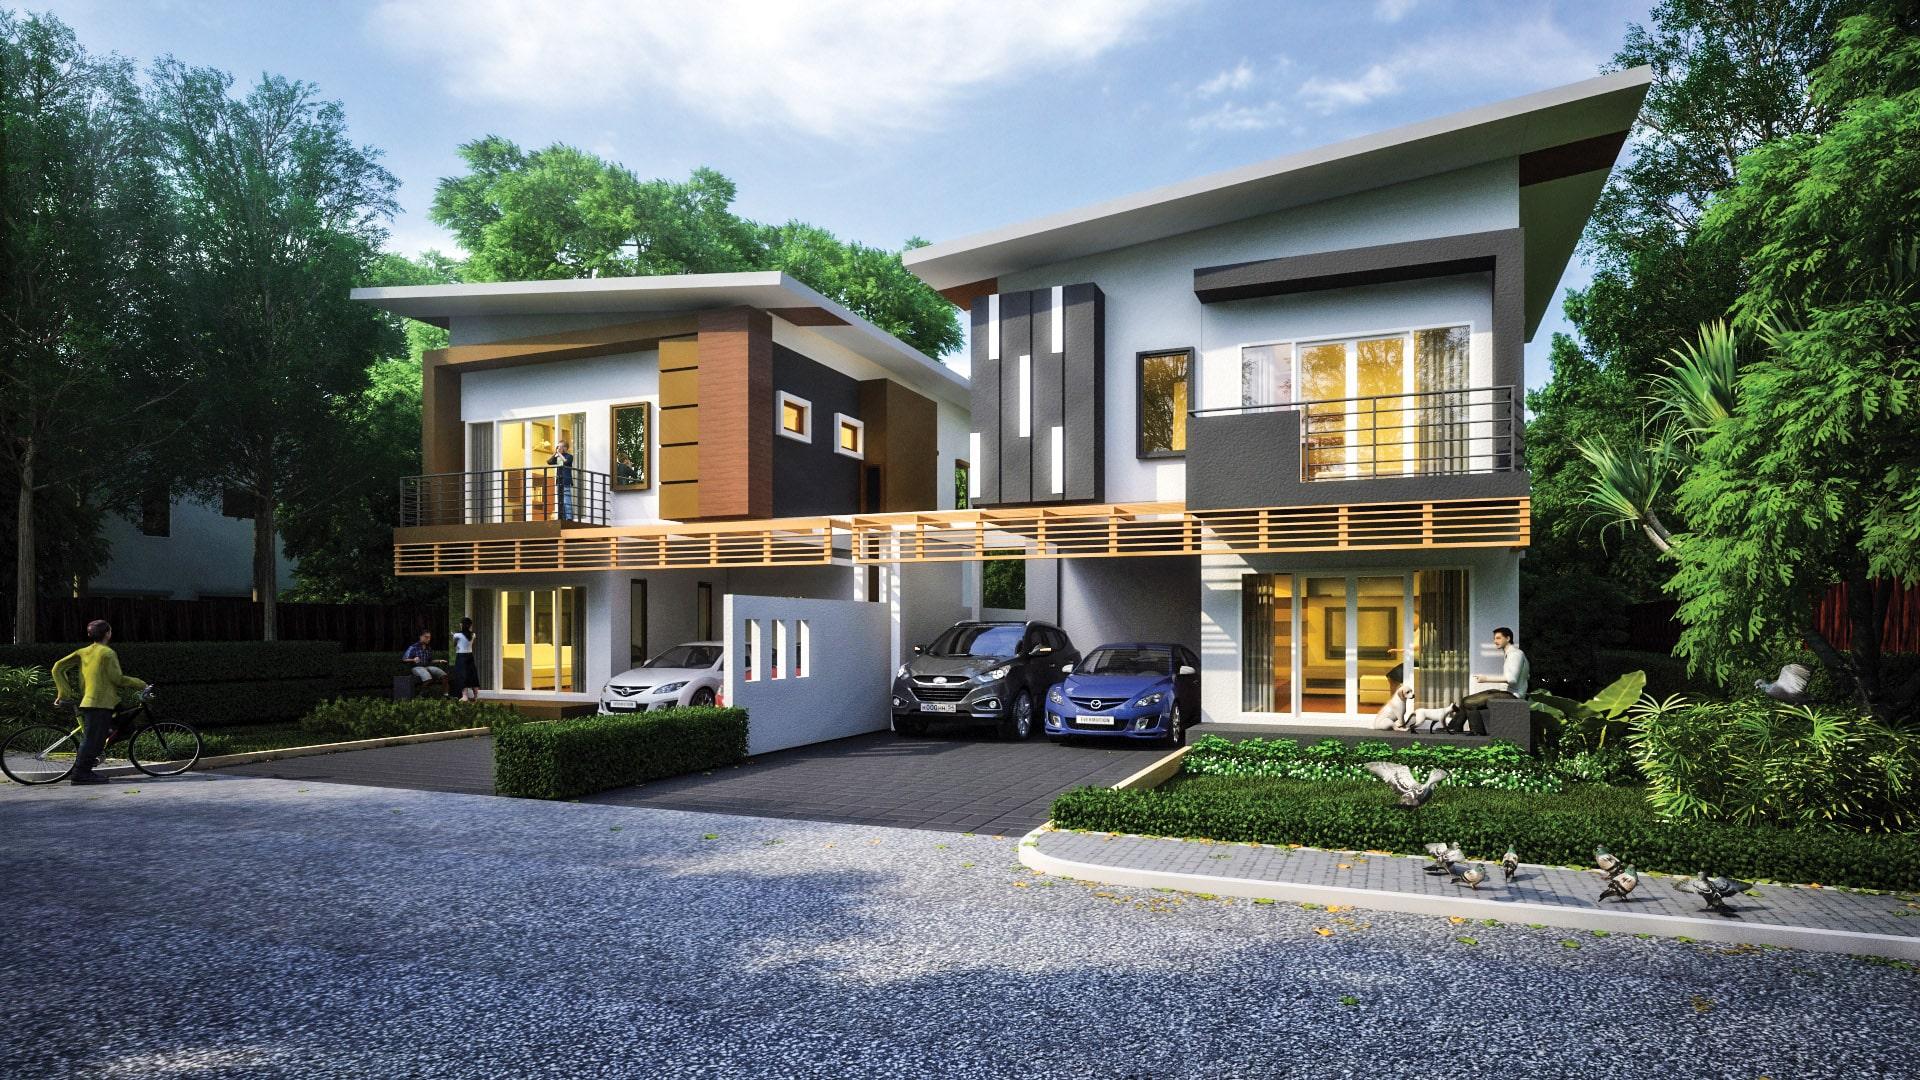 Offer a modern twin house